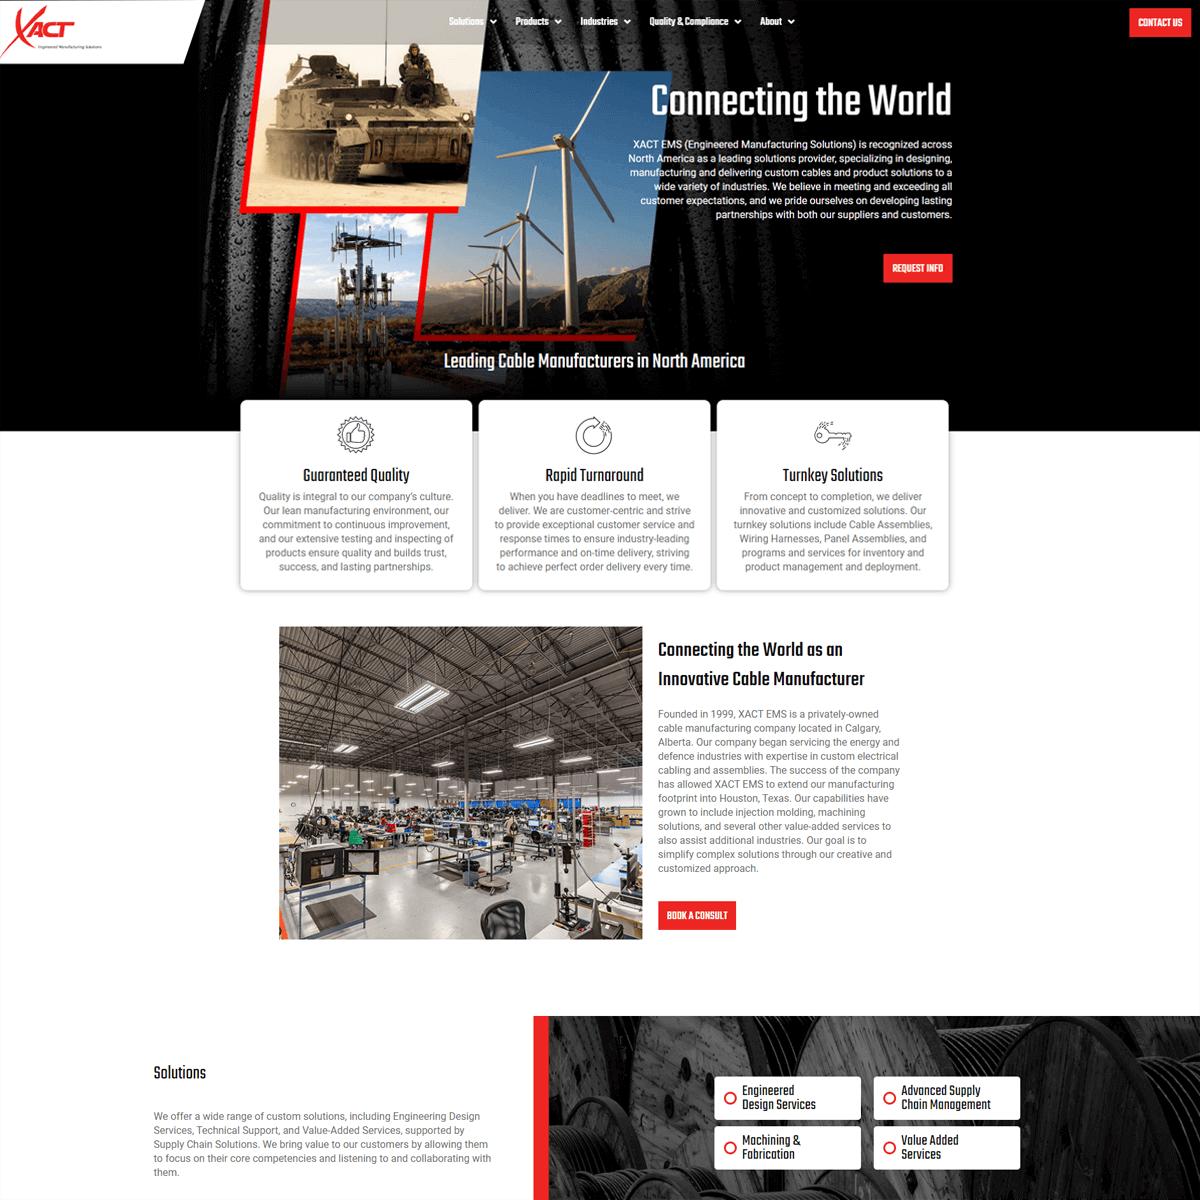 website-design-portfolio-after-xact